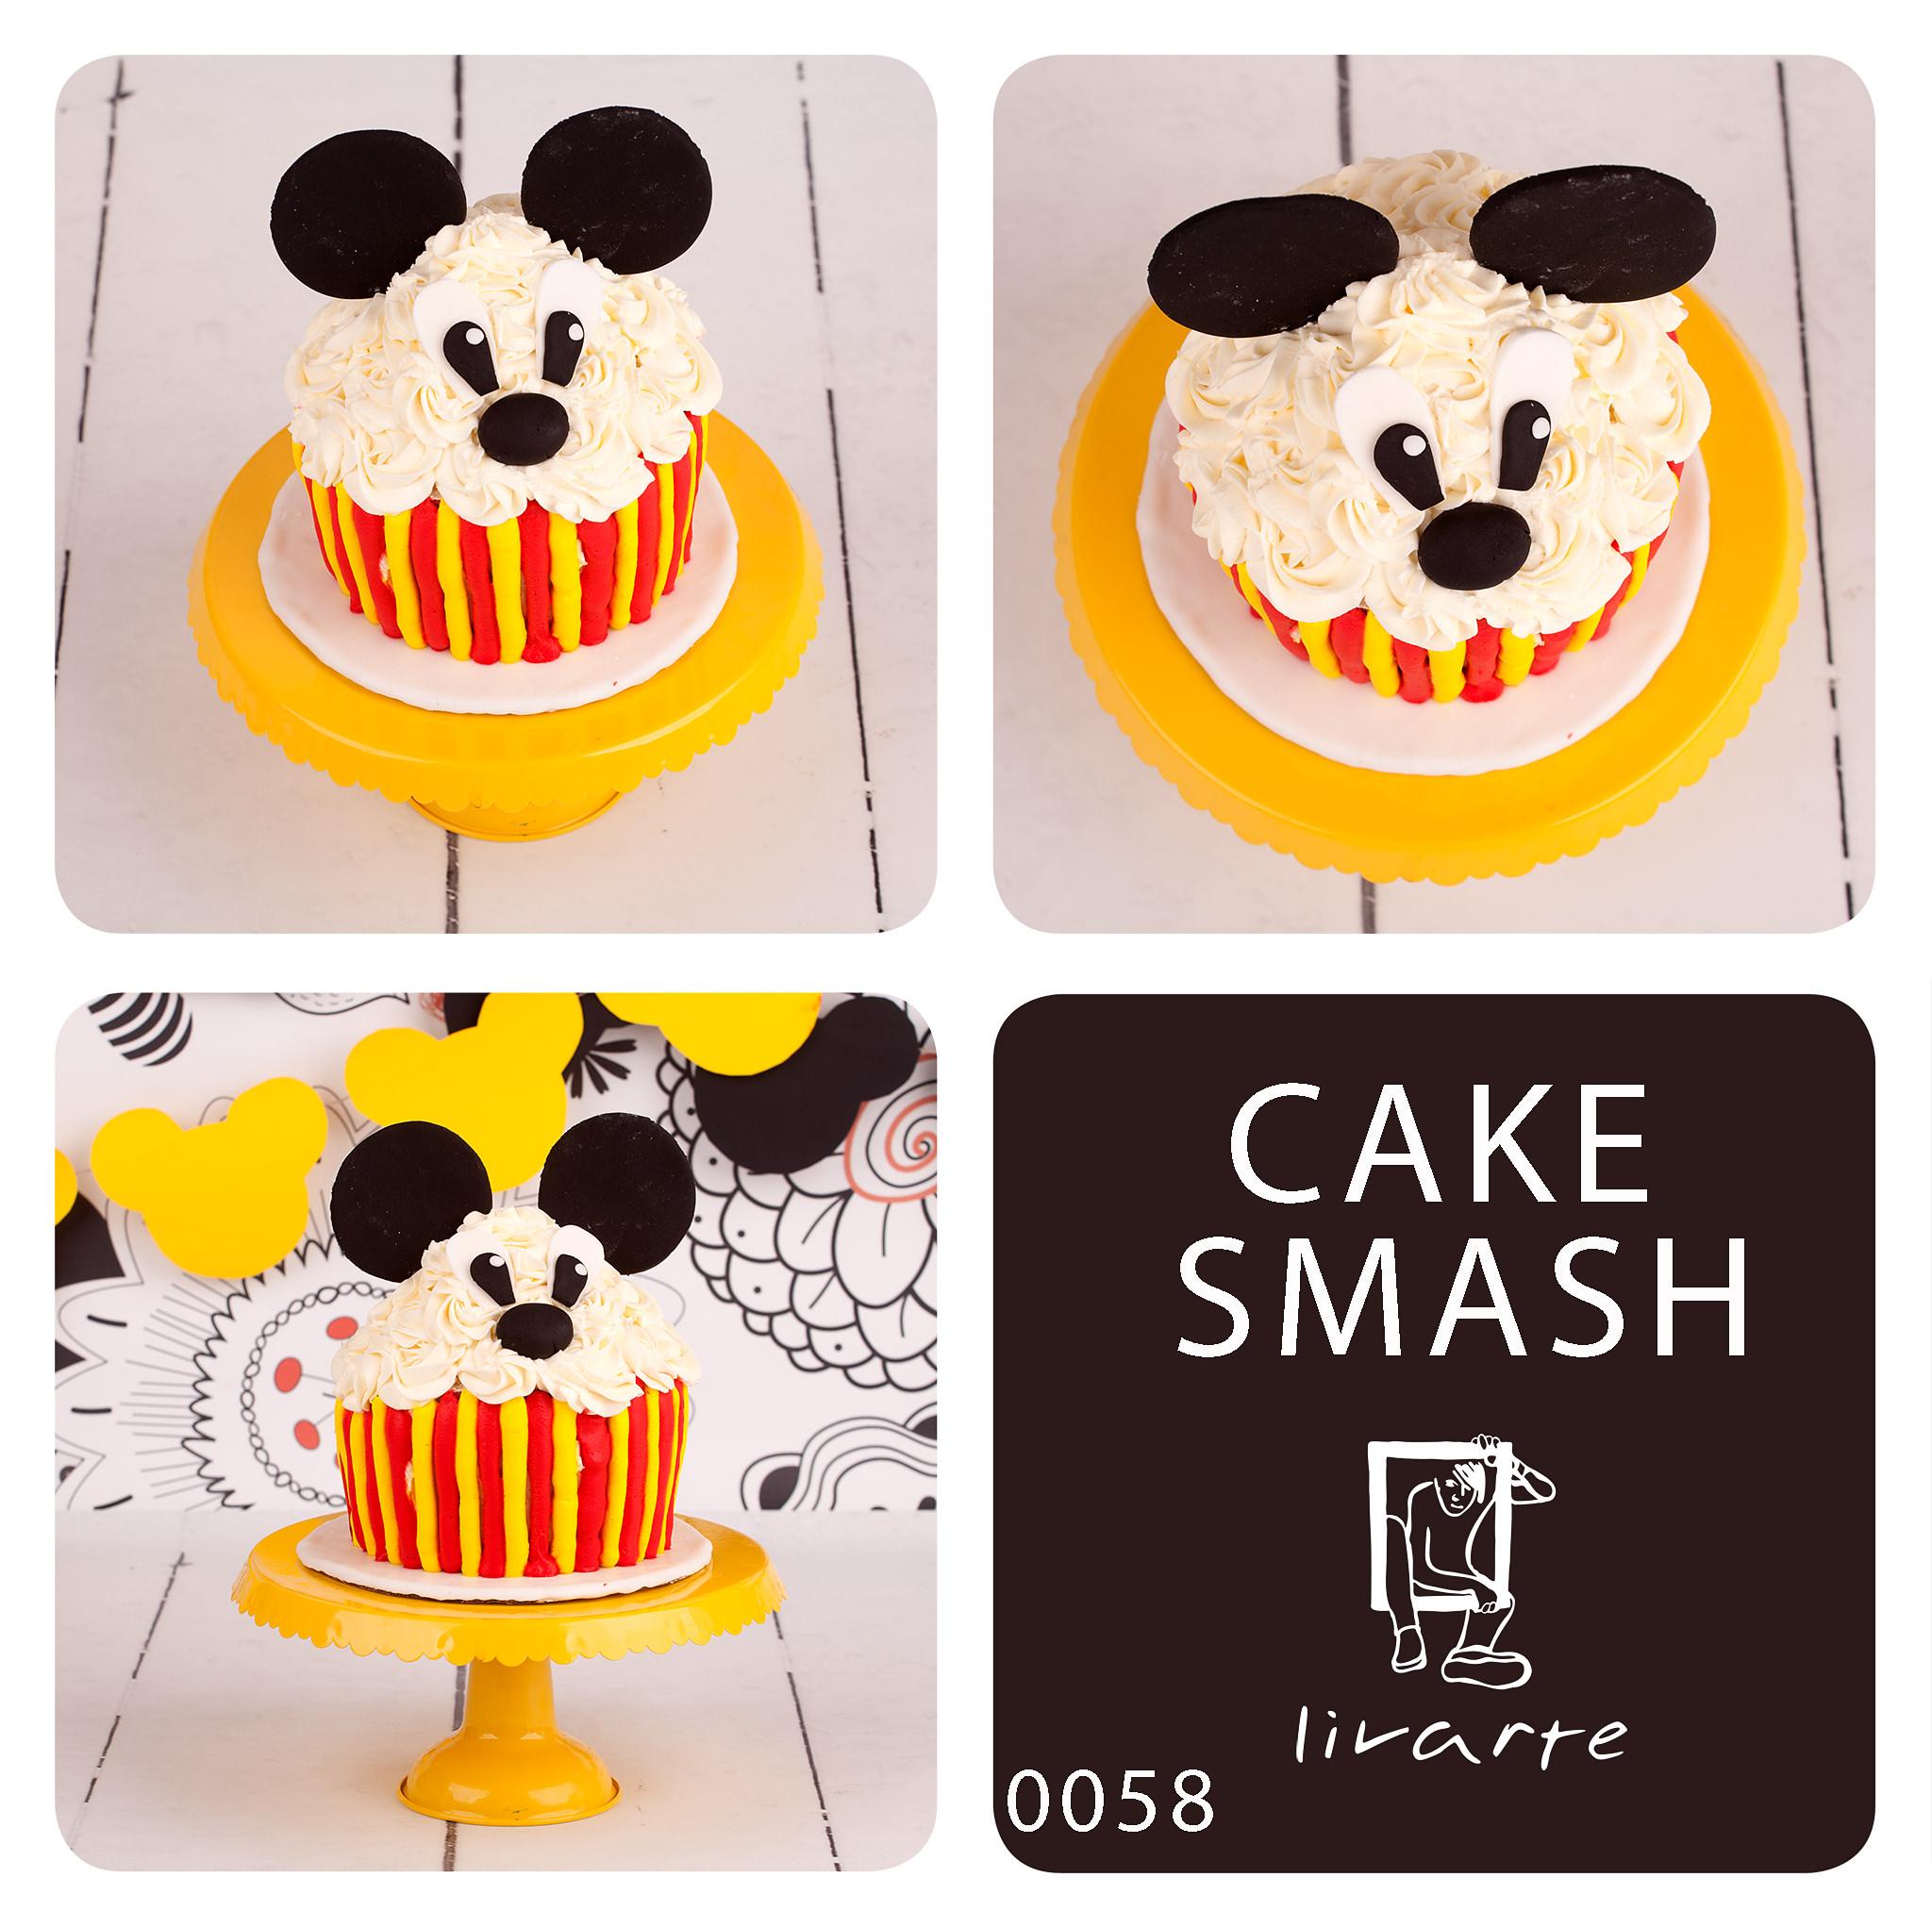 Cake Smash, Livarte, Wejherowo, Trójmiasto, Minnie Mouse